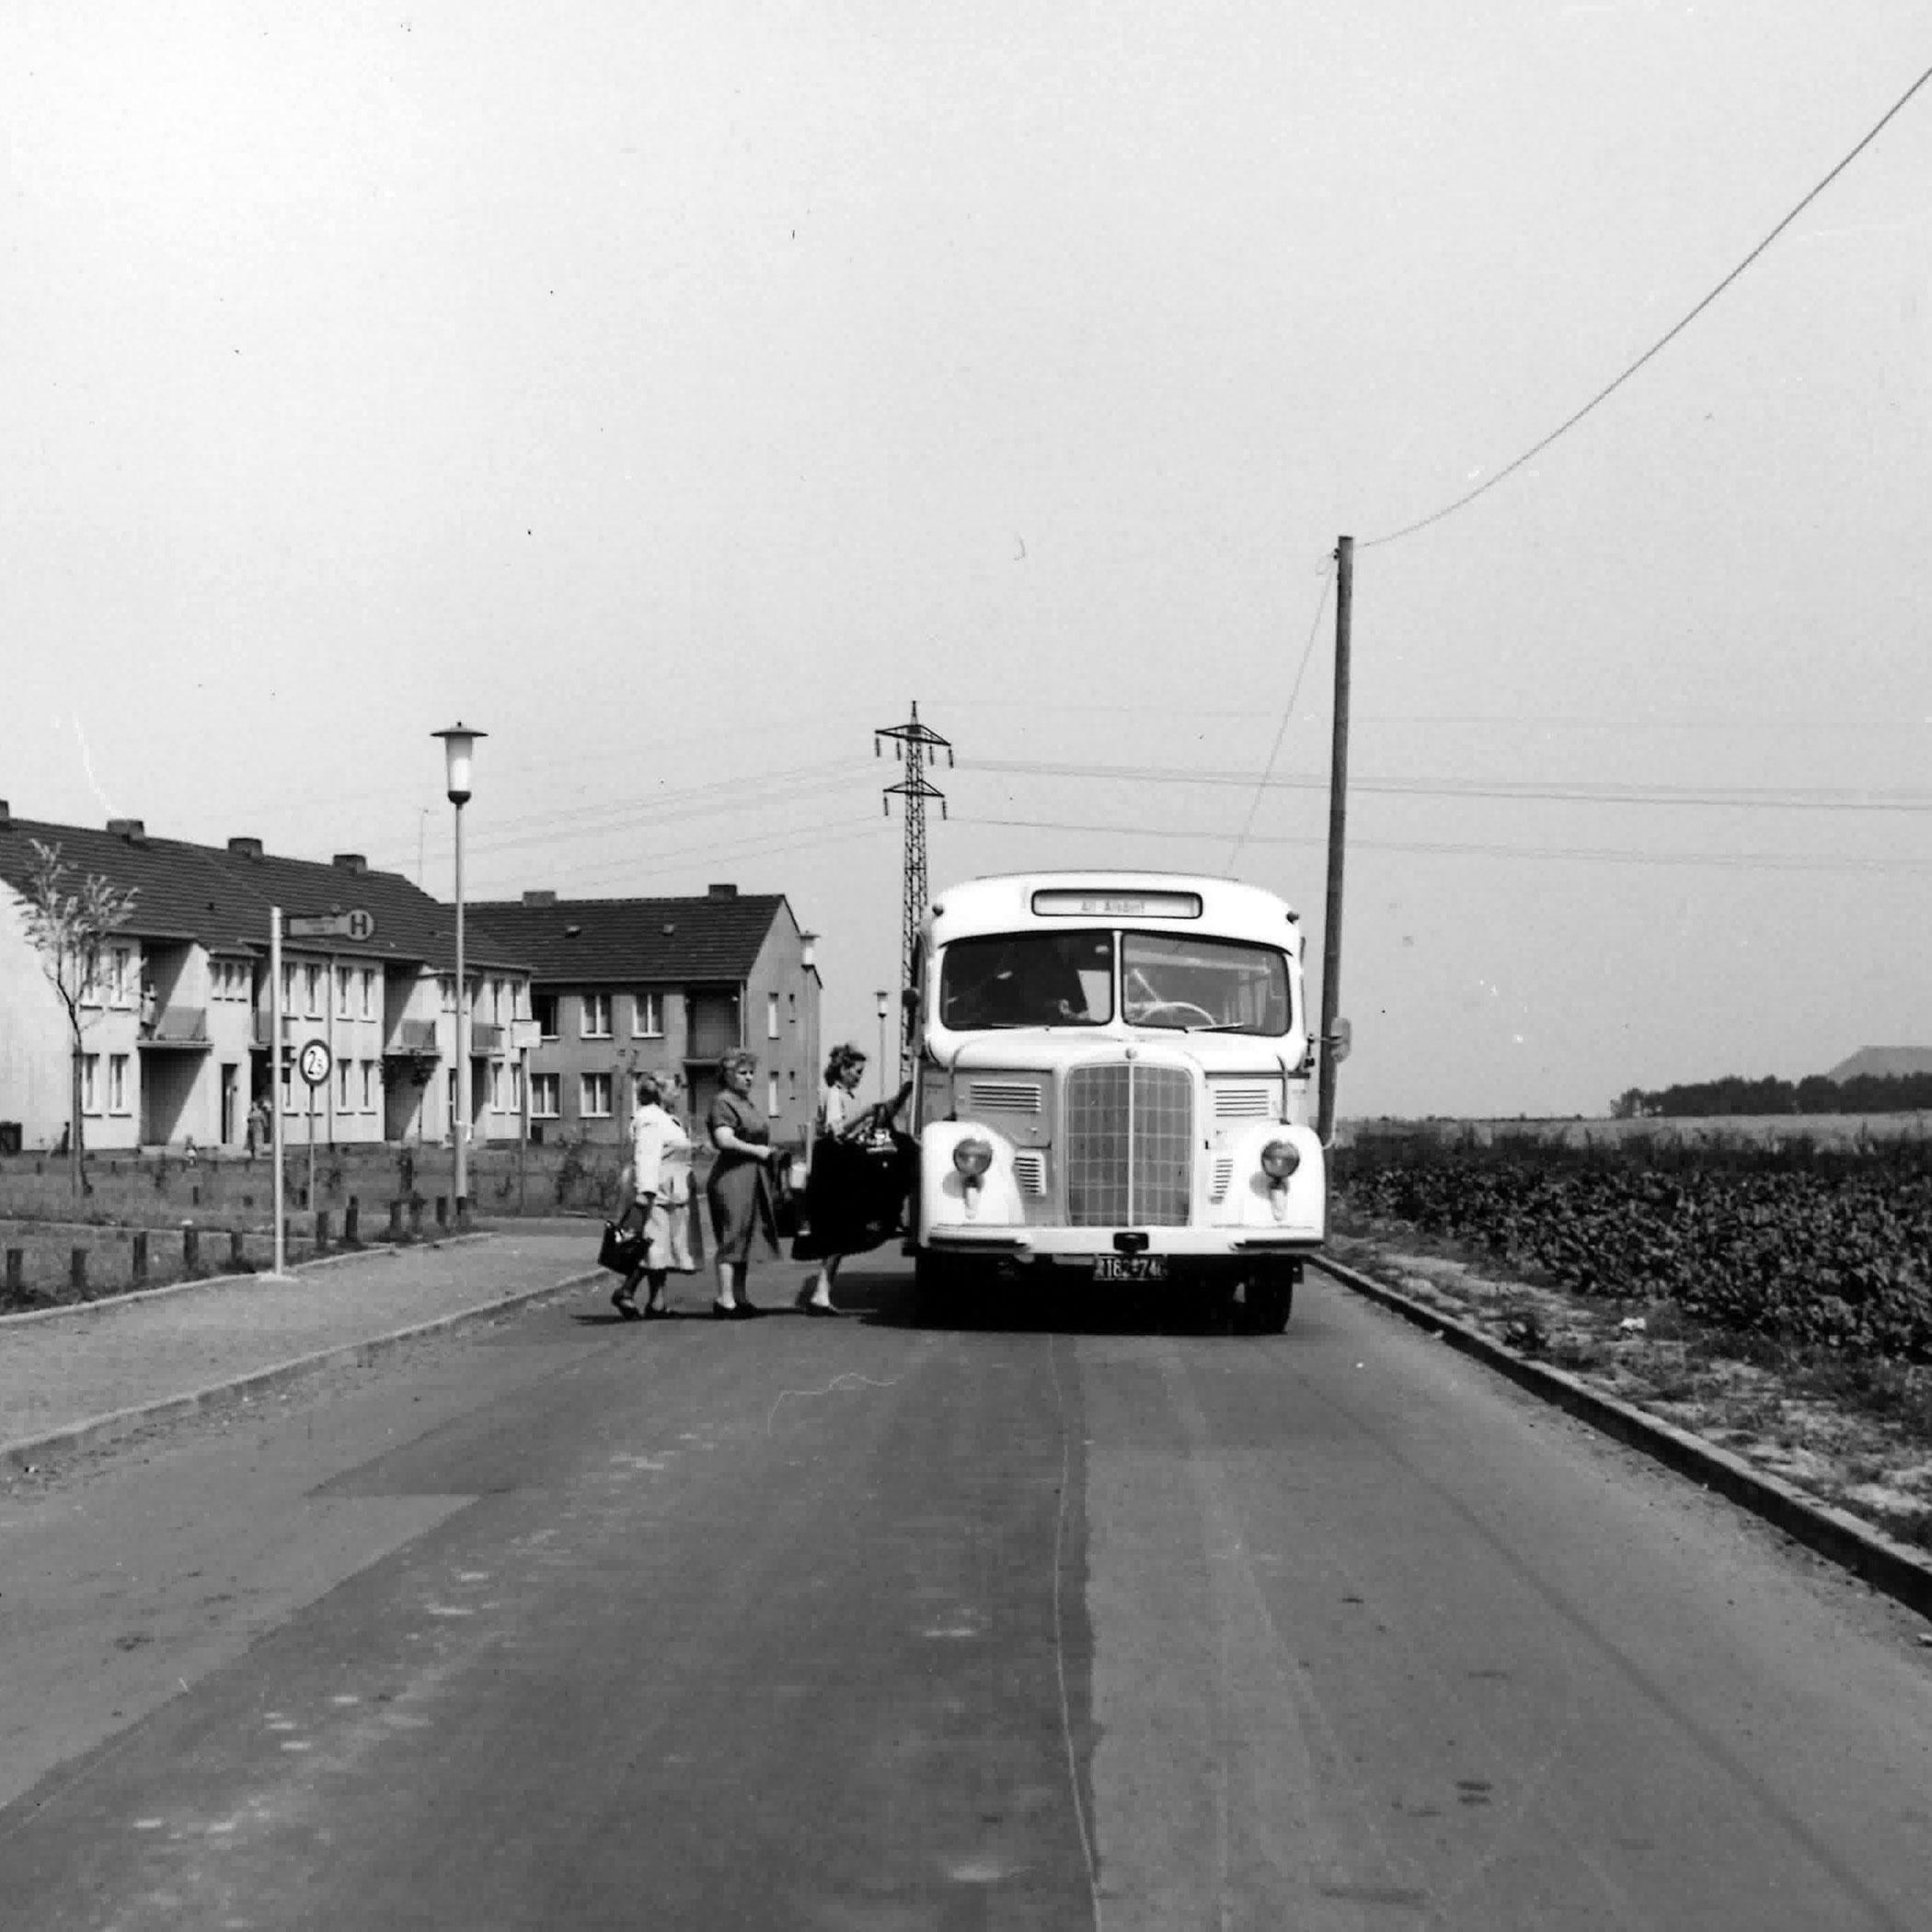 Taeter-Bus in Ofden